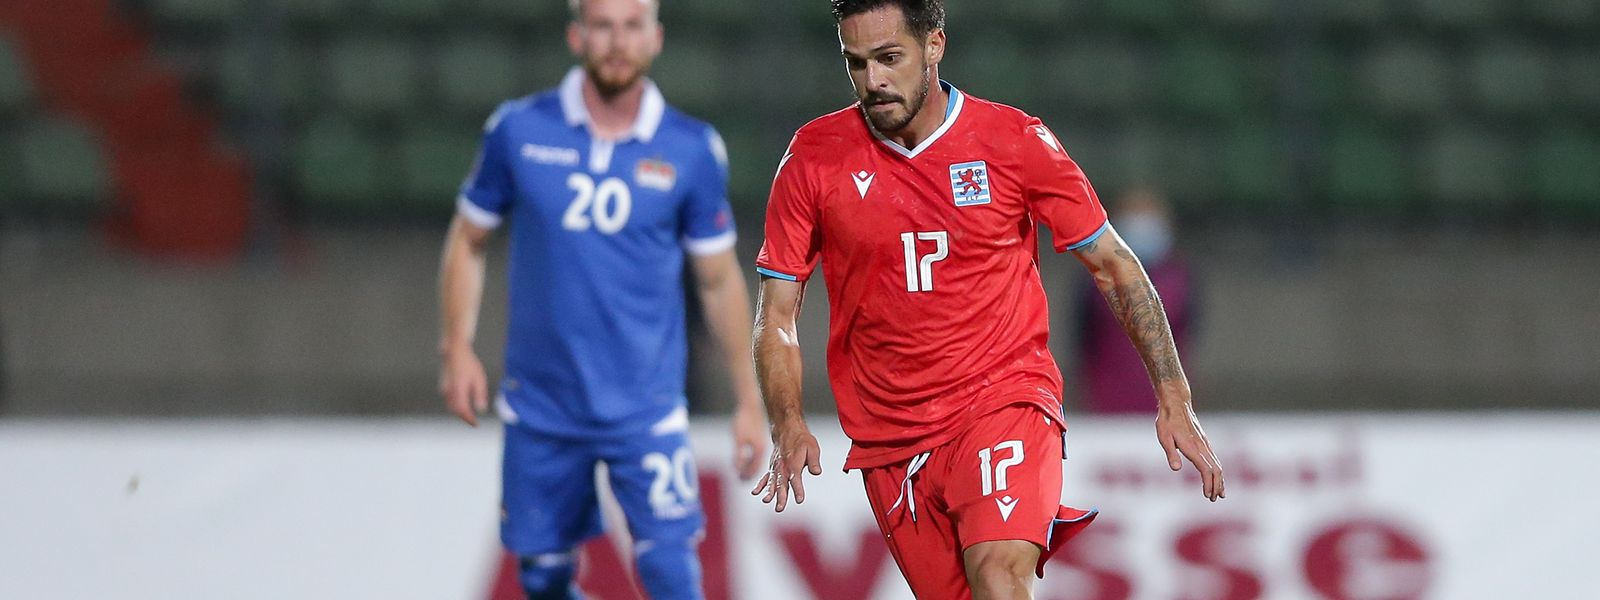 Mica Pinto, jogador da seleção